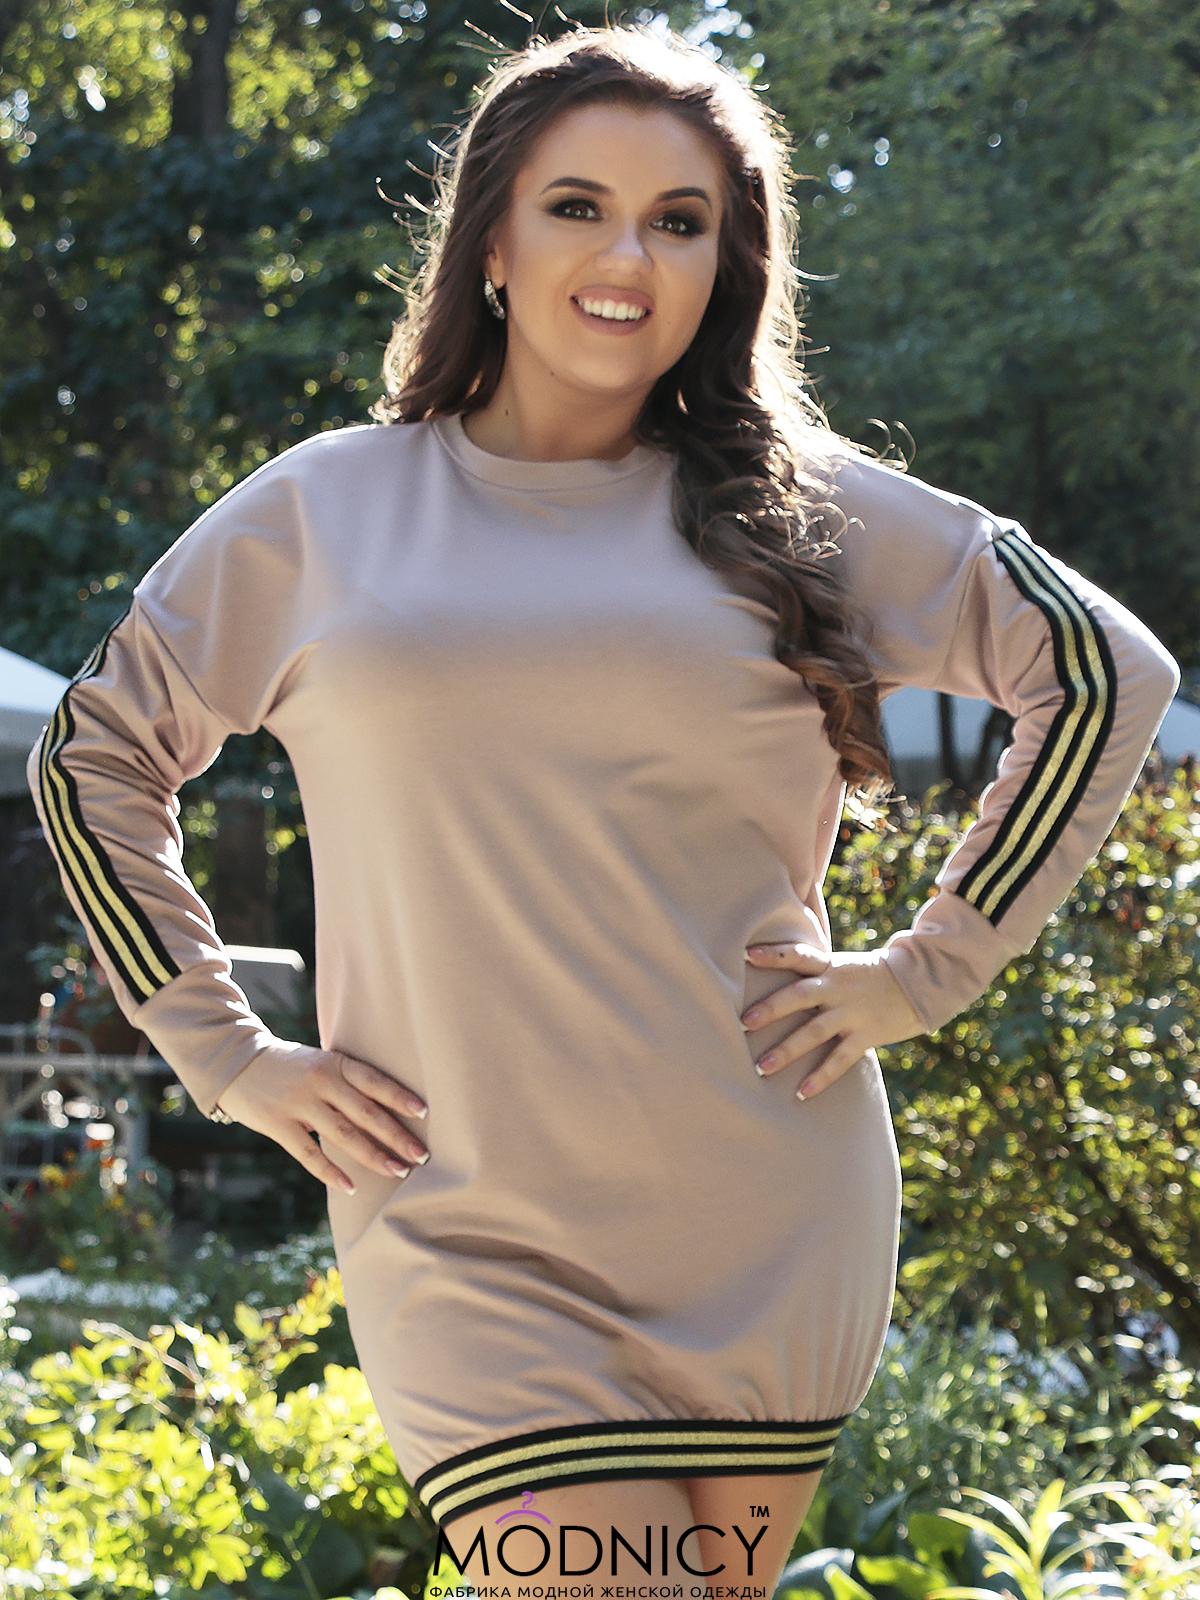 Купить платье - туника 3632 пудра цвет 95345266633